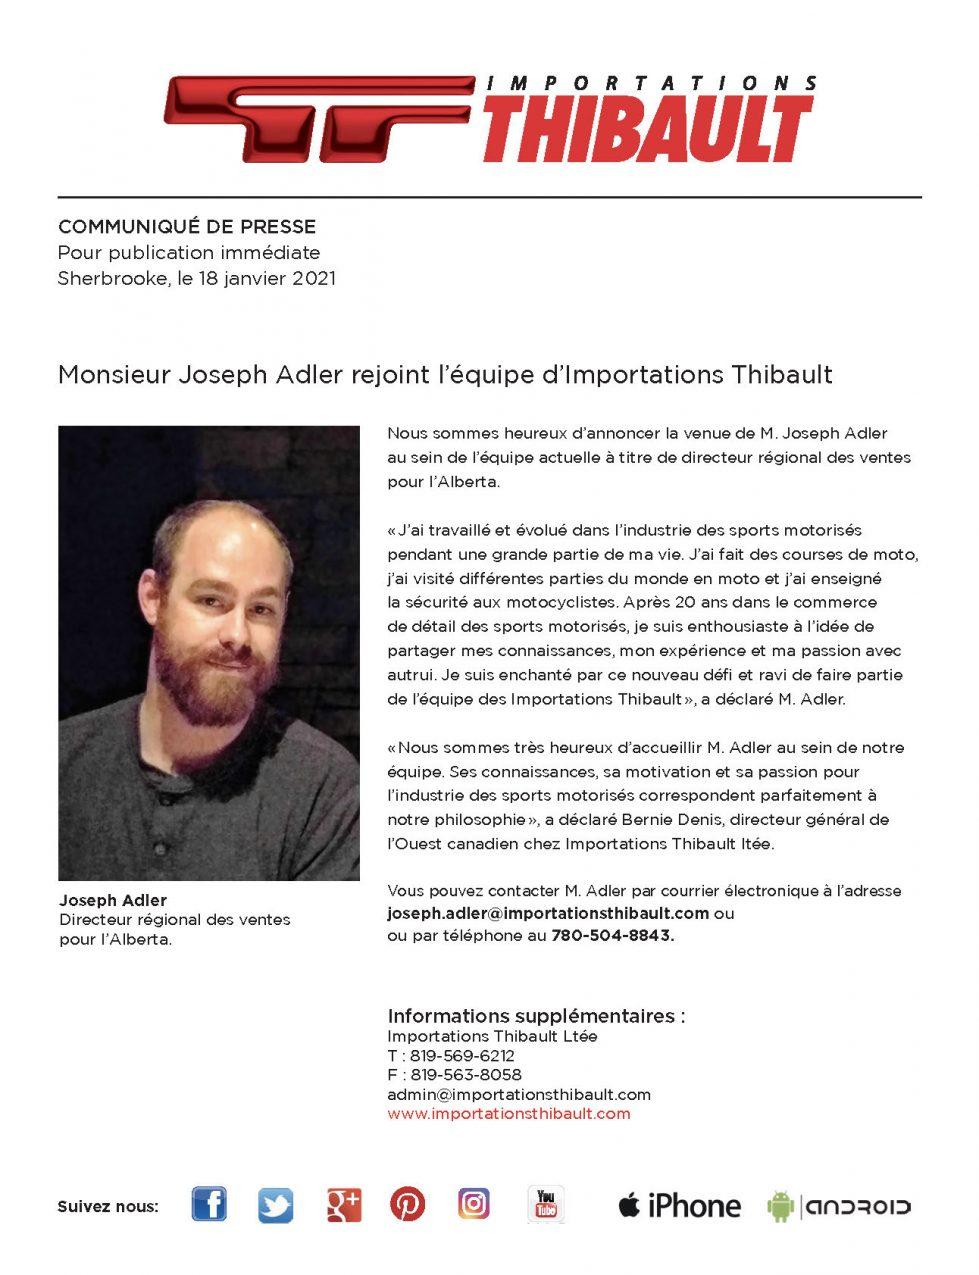 Monsieur Joseph Adler se joint à l'équipe d'Importations Thibault.